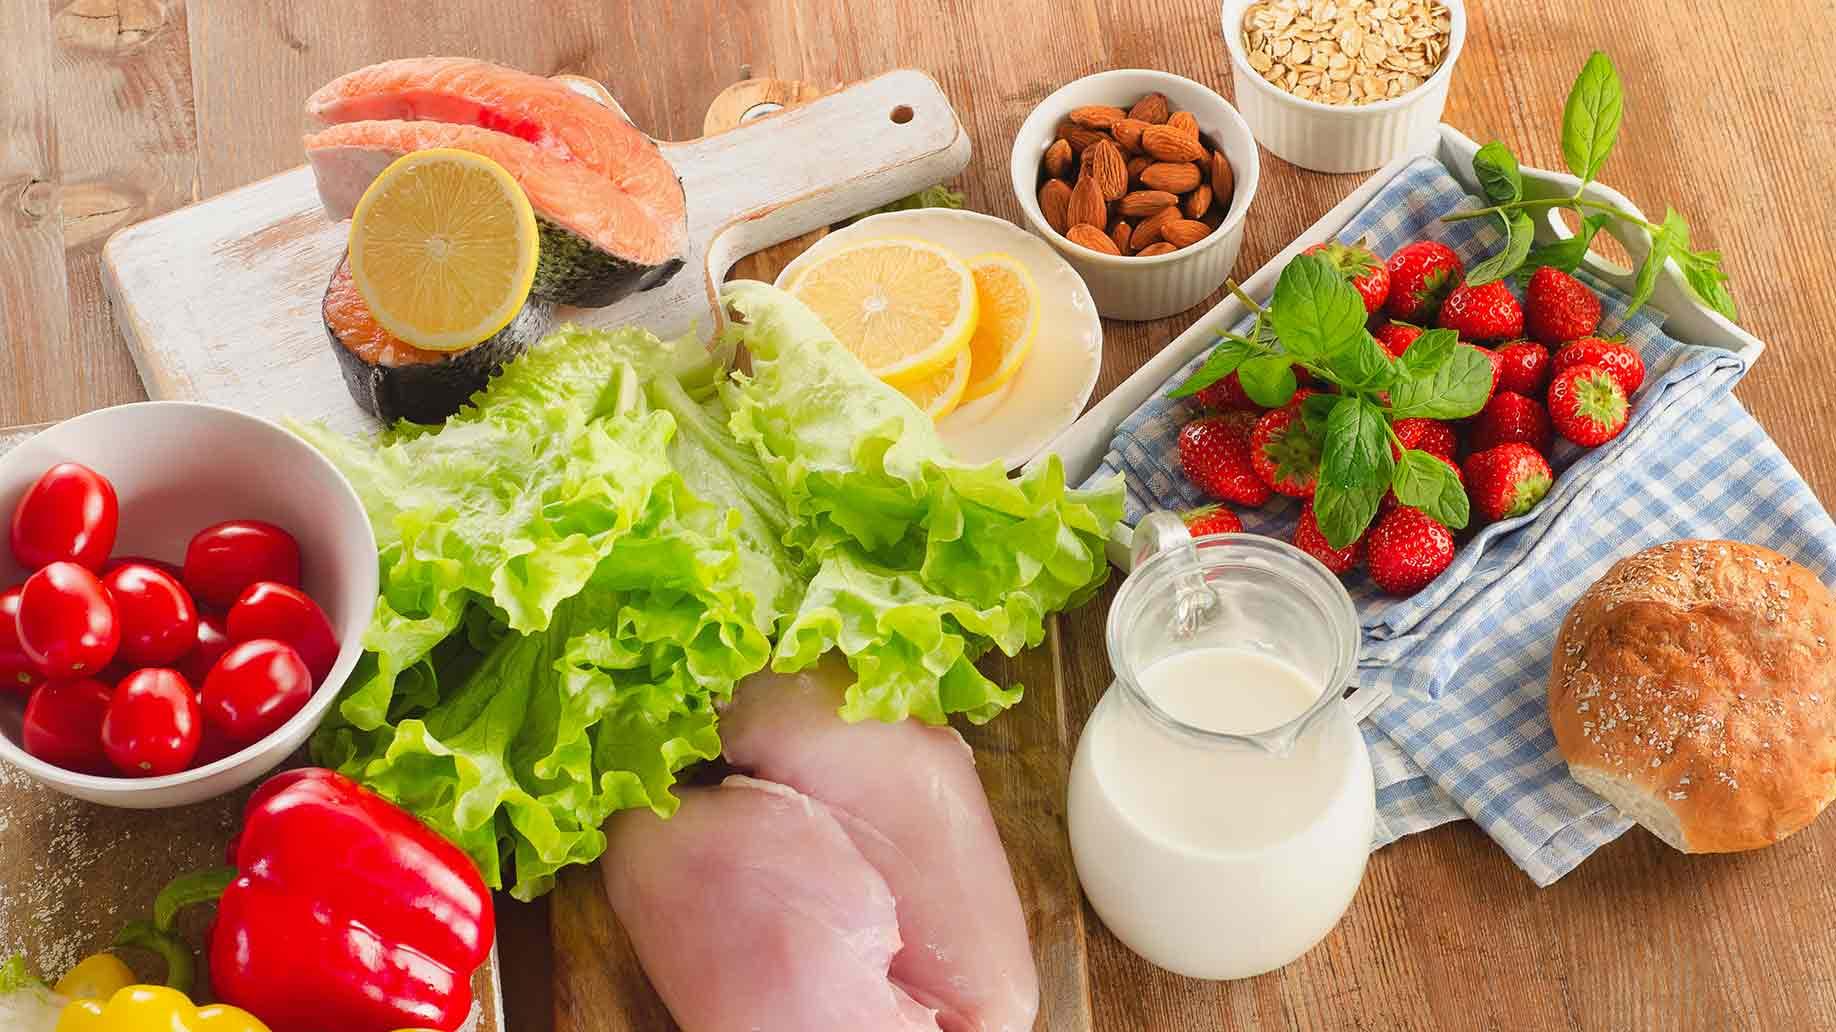 أعراض الإصابة بدهون الكبد وكيفية العلاج